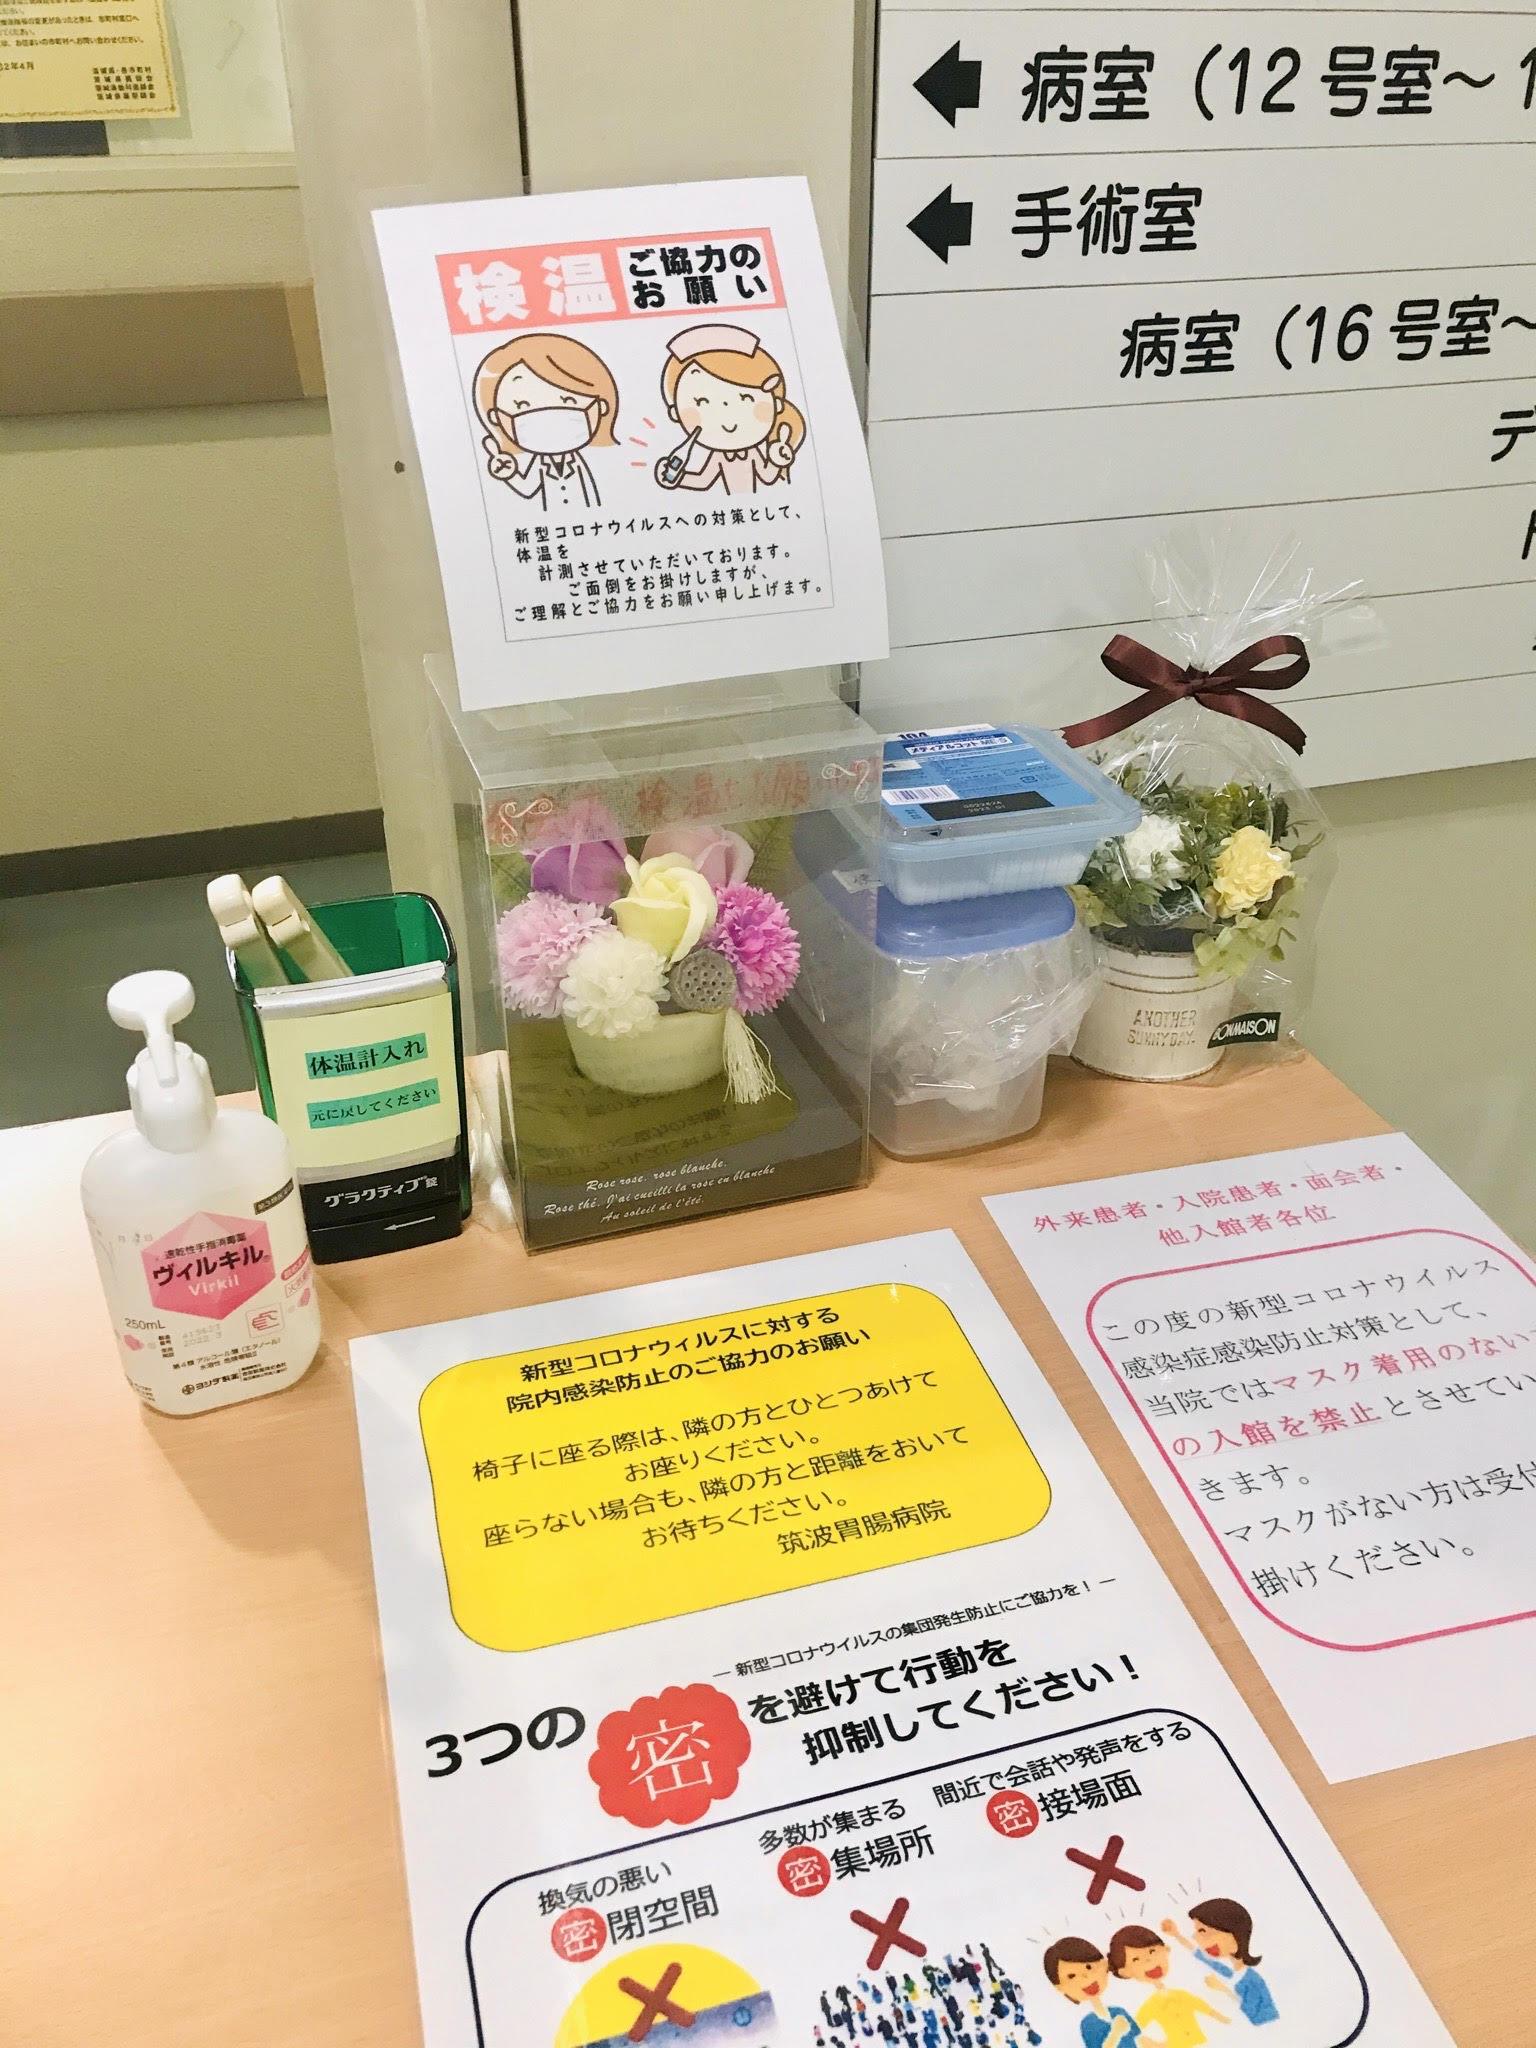 病院 コロナ 記念 筑波